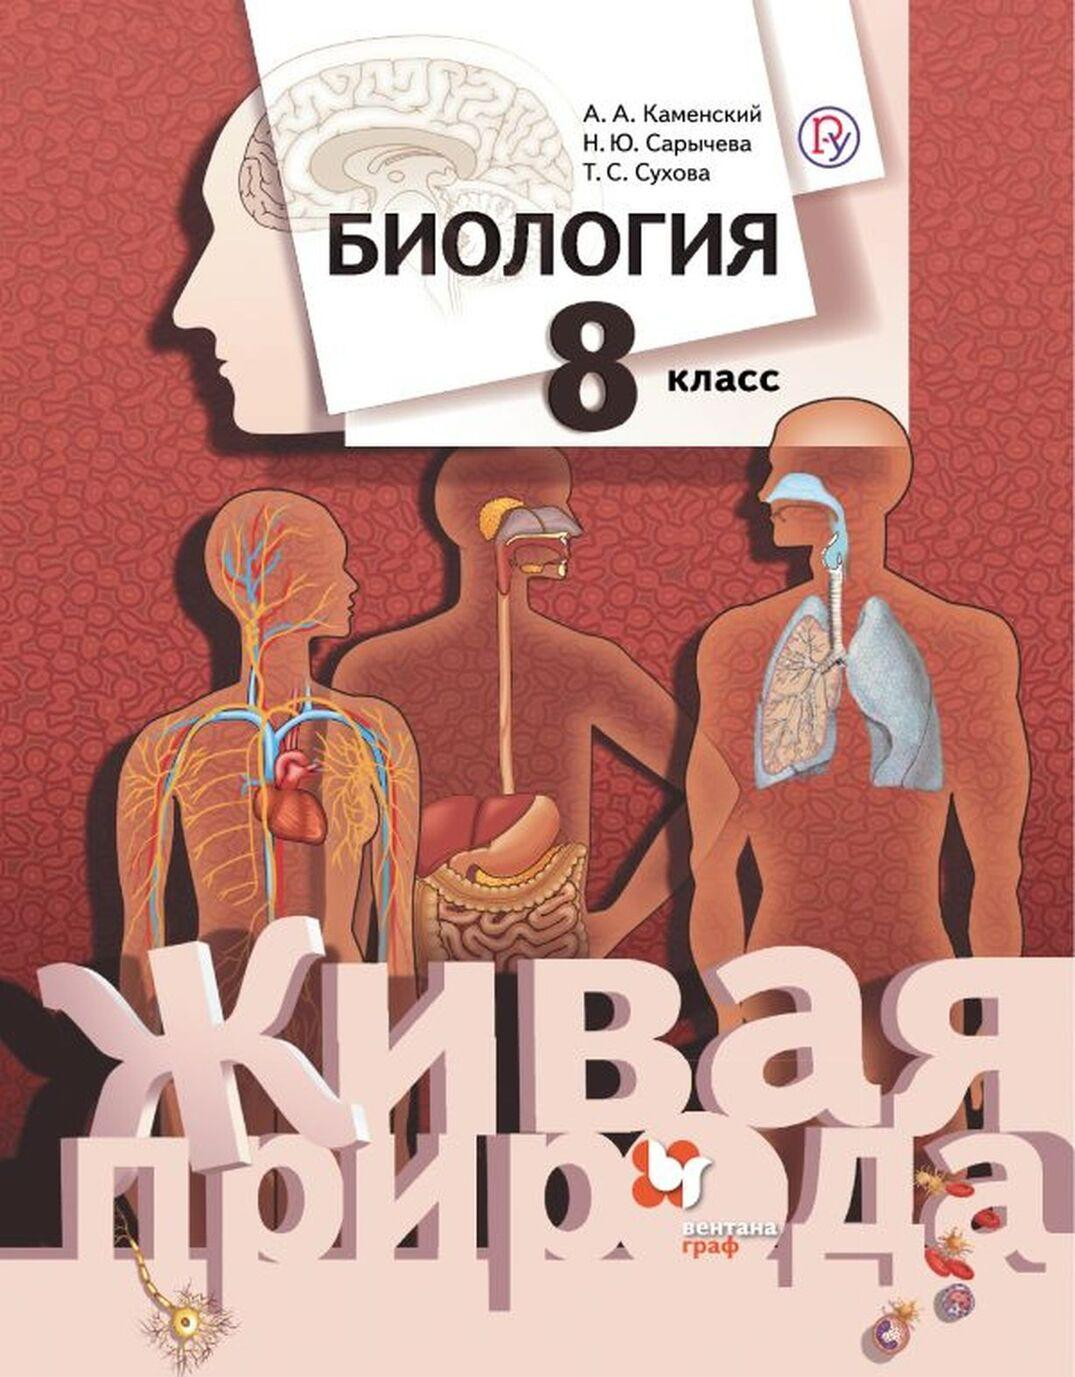 Biologija. 8klass. Uchebnik | Kamenskij Andrej Aleksandrovich, Sarycheva Natalija Jurevna